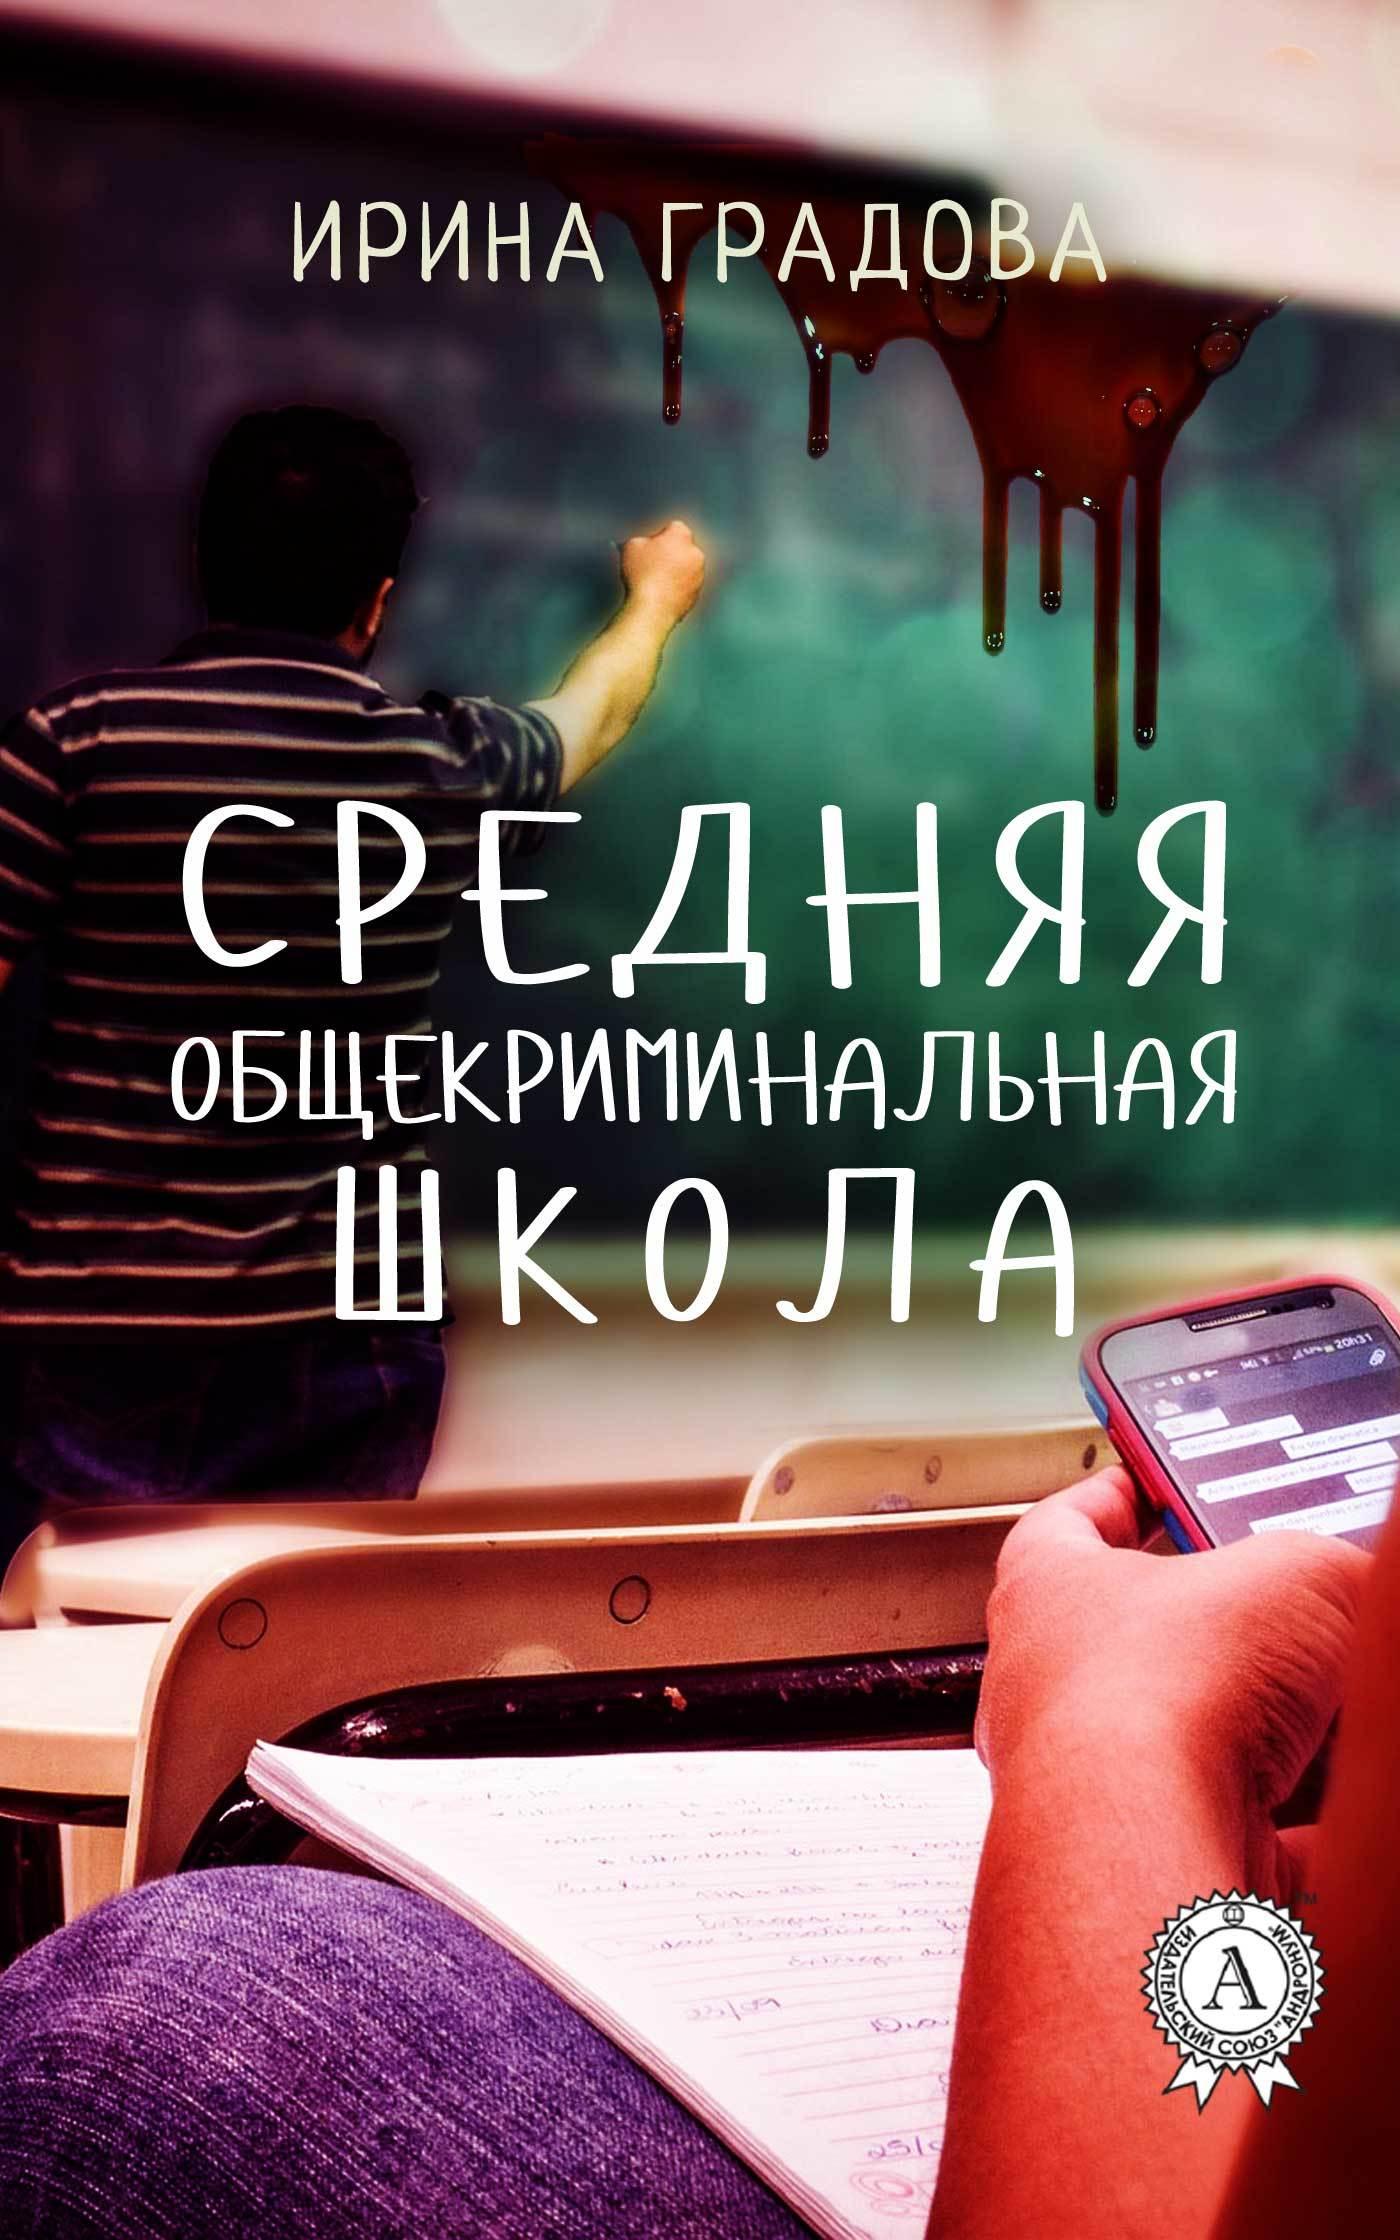 Ирина Градова - Средняя общекриминальная школа